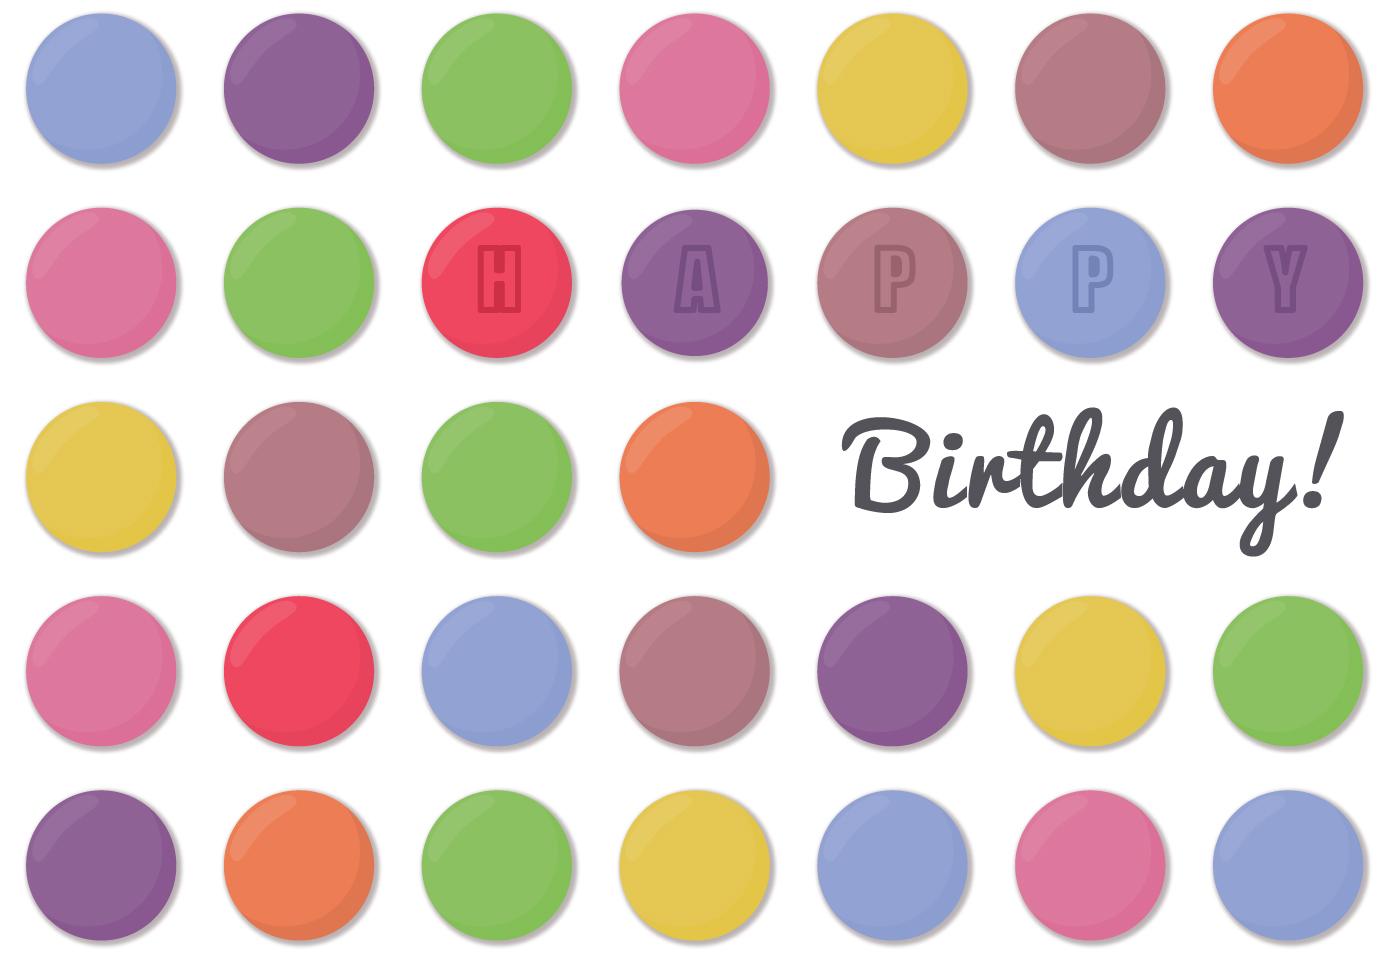 Smarties Birthday - Download Free Vector Art, Stock ...